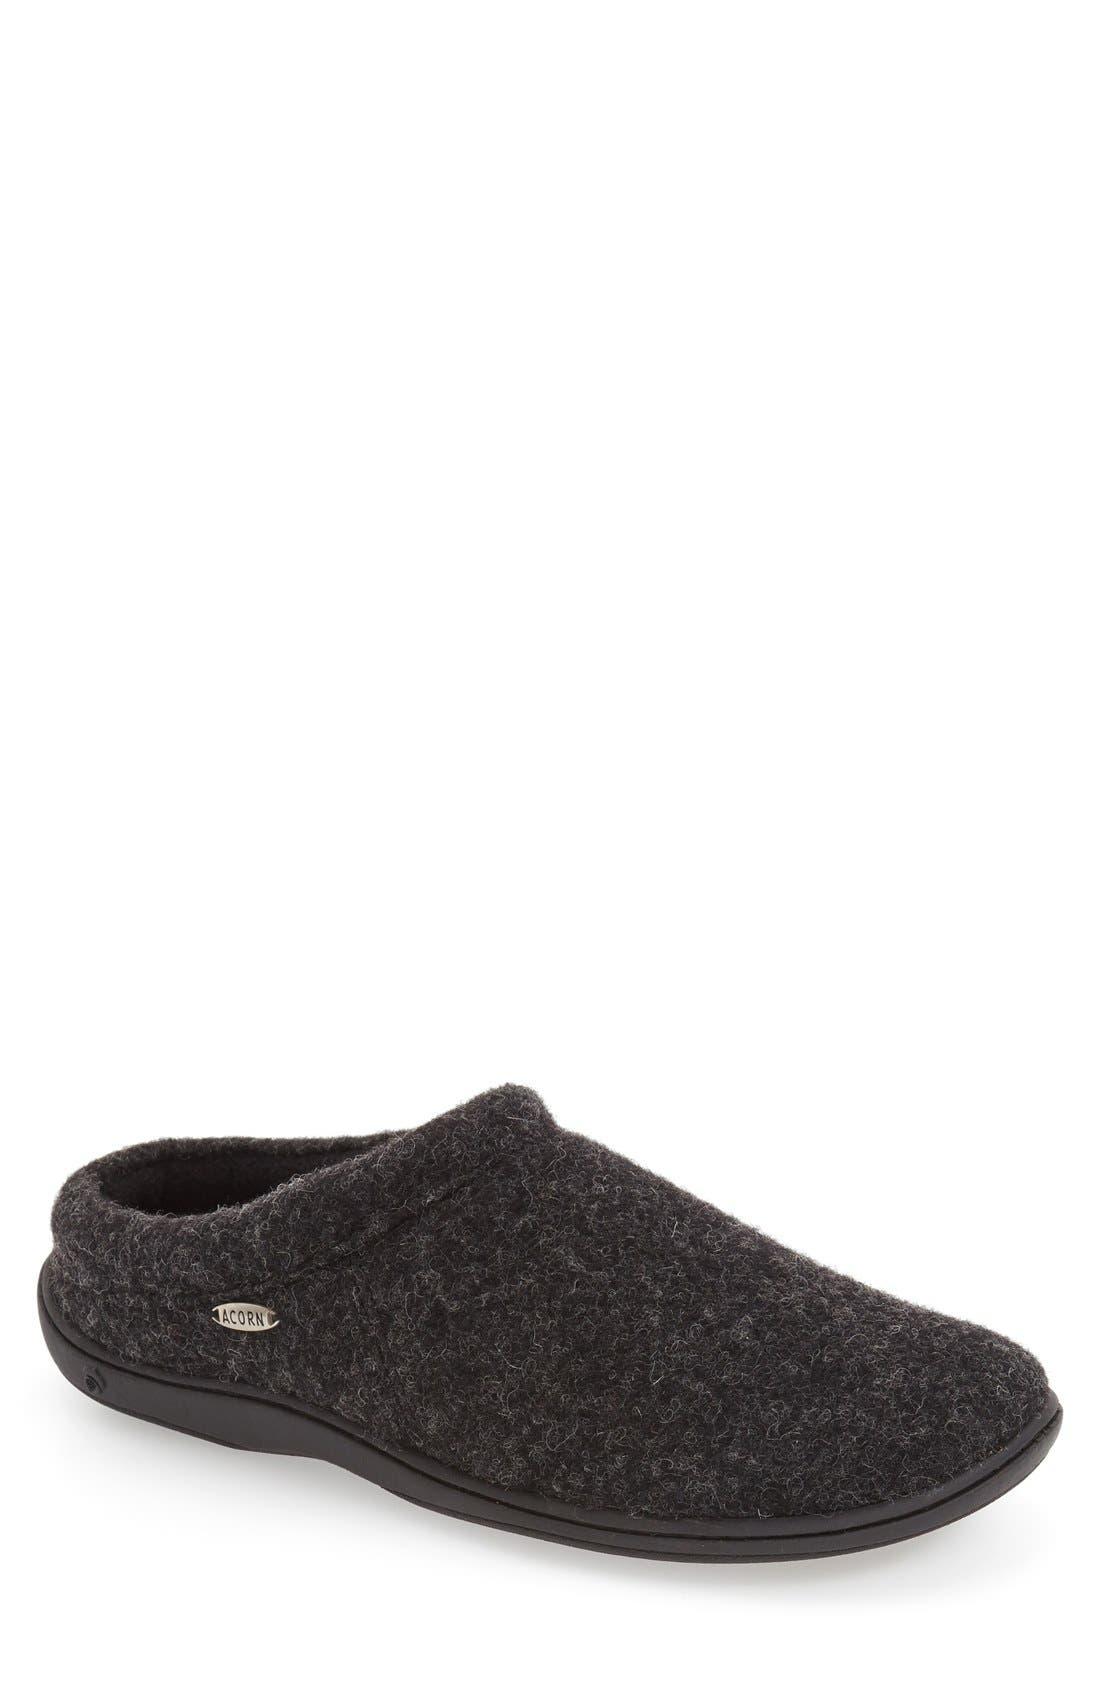 ACORN 'Digby' Slipper, Main, color, BLACK TWEED